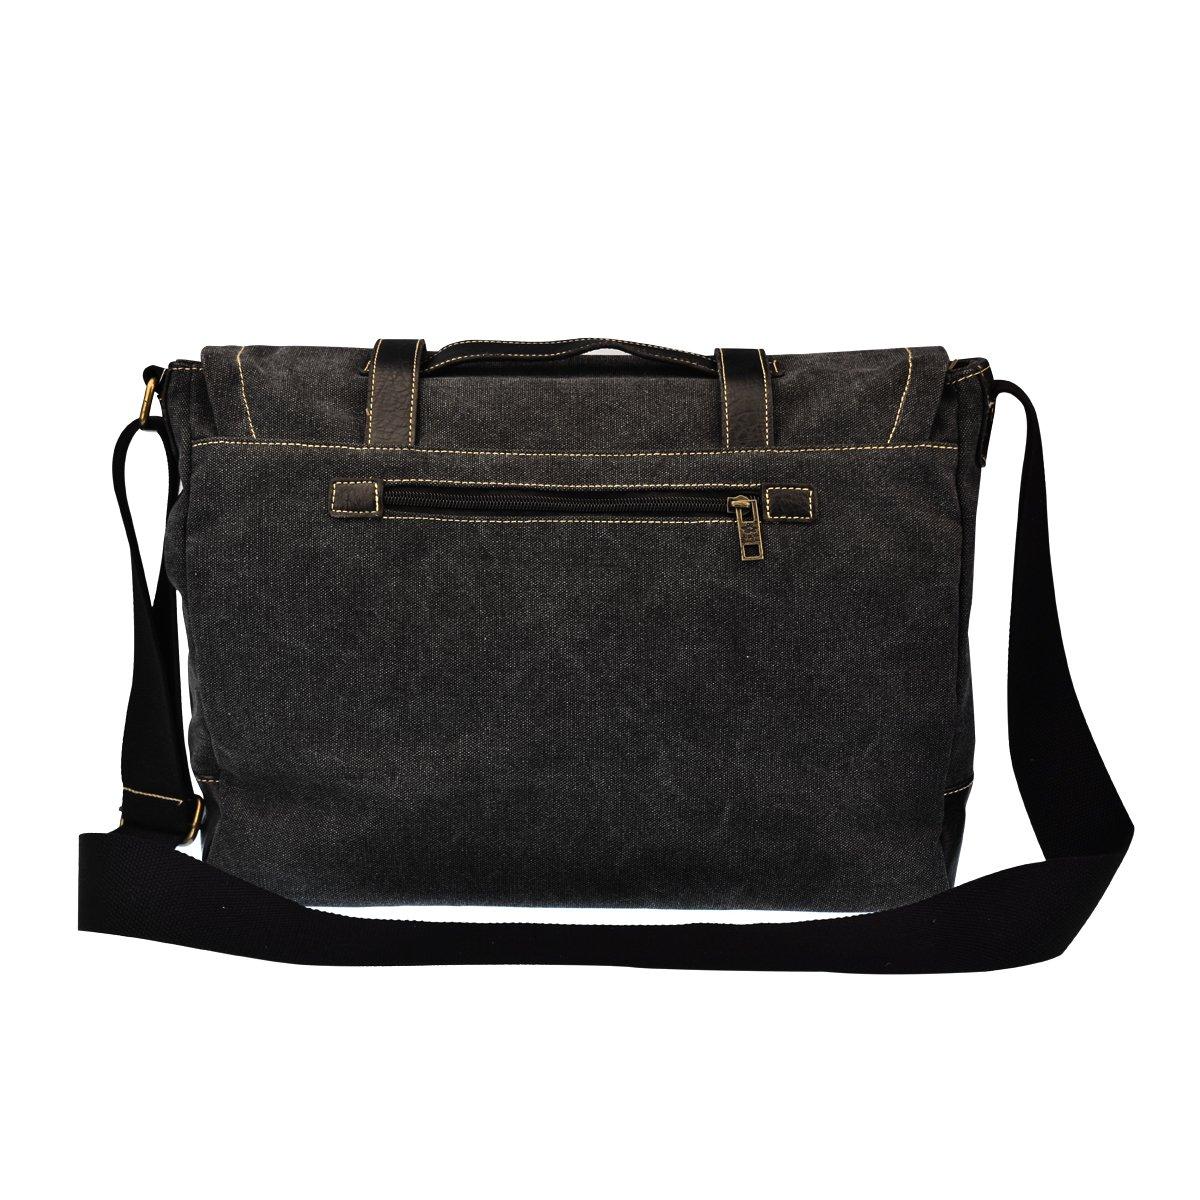 b6537cecc7b Amazon.com  DGY Canvas Large Shoulder Laptop Bag Vintage Messenger Bag  Crossbody Bag for Men G00261 Black  Computers   Accessories